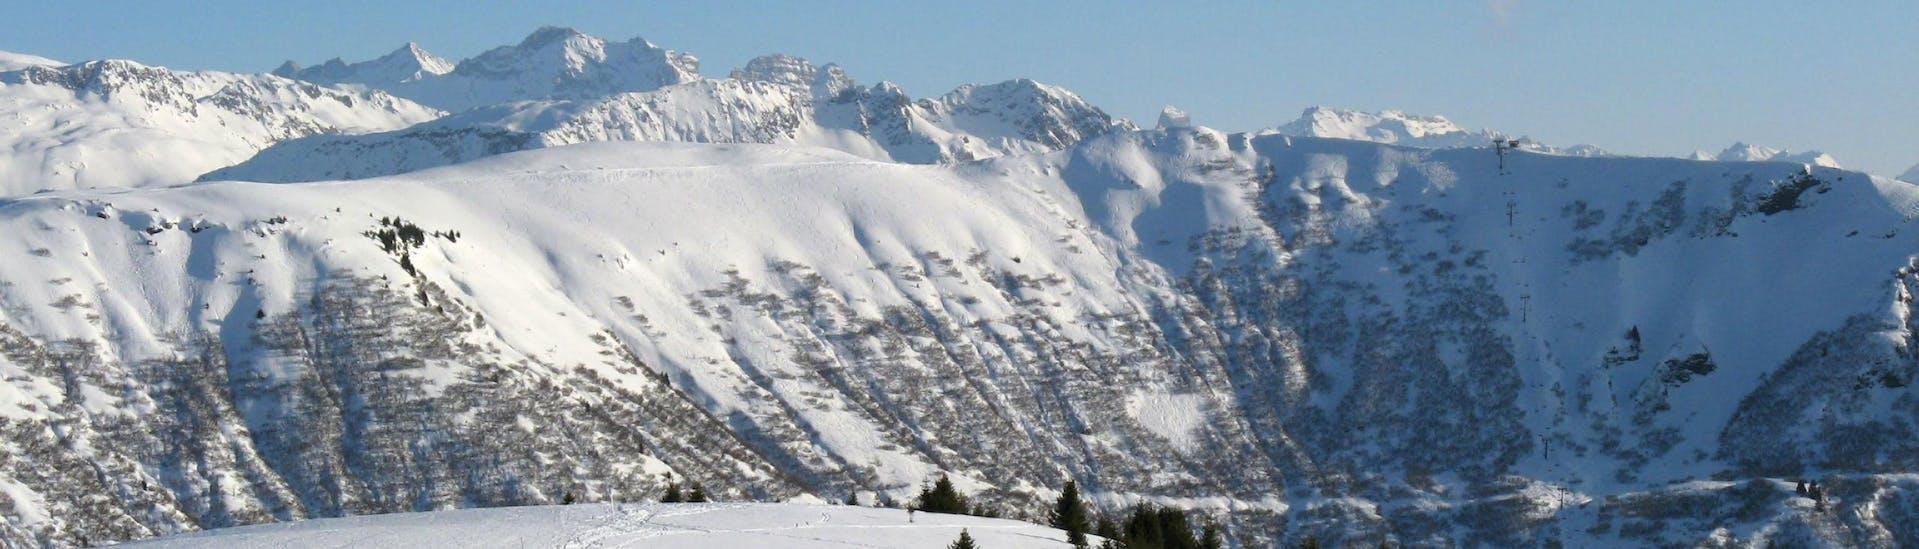 Une vue panoramique des pistes de ski de Notre Dame de Bellecombe, une station de ski française nichée entre les majestueux sommets du département de la Savoie, où les écoles de ski locales offrent un large choix de cours de ski.